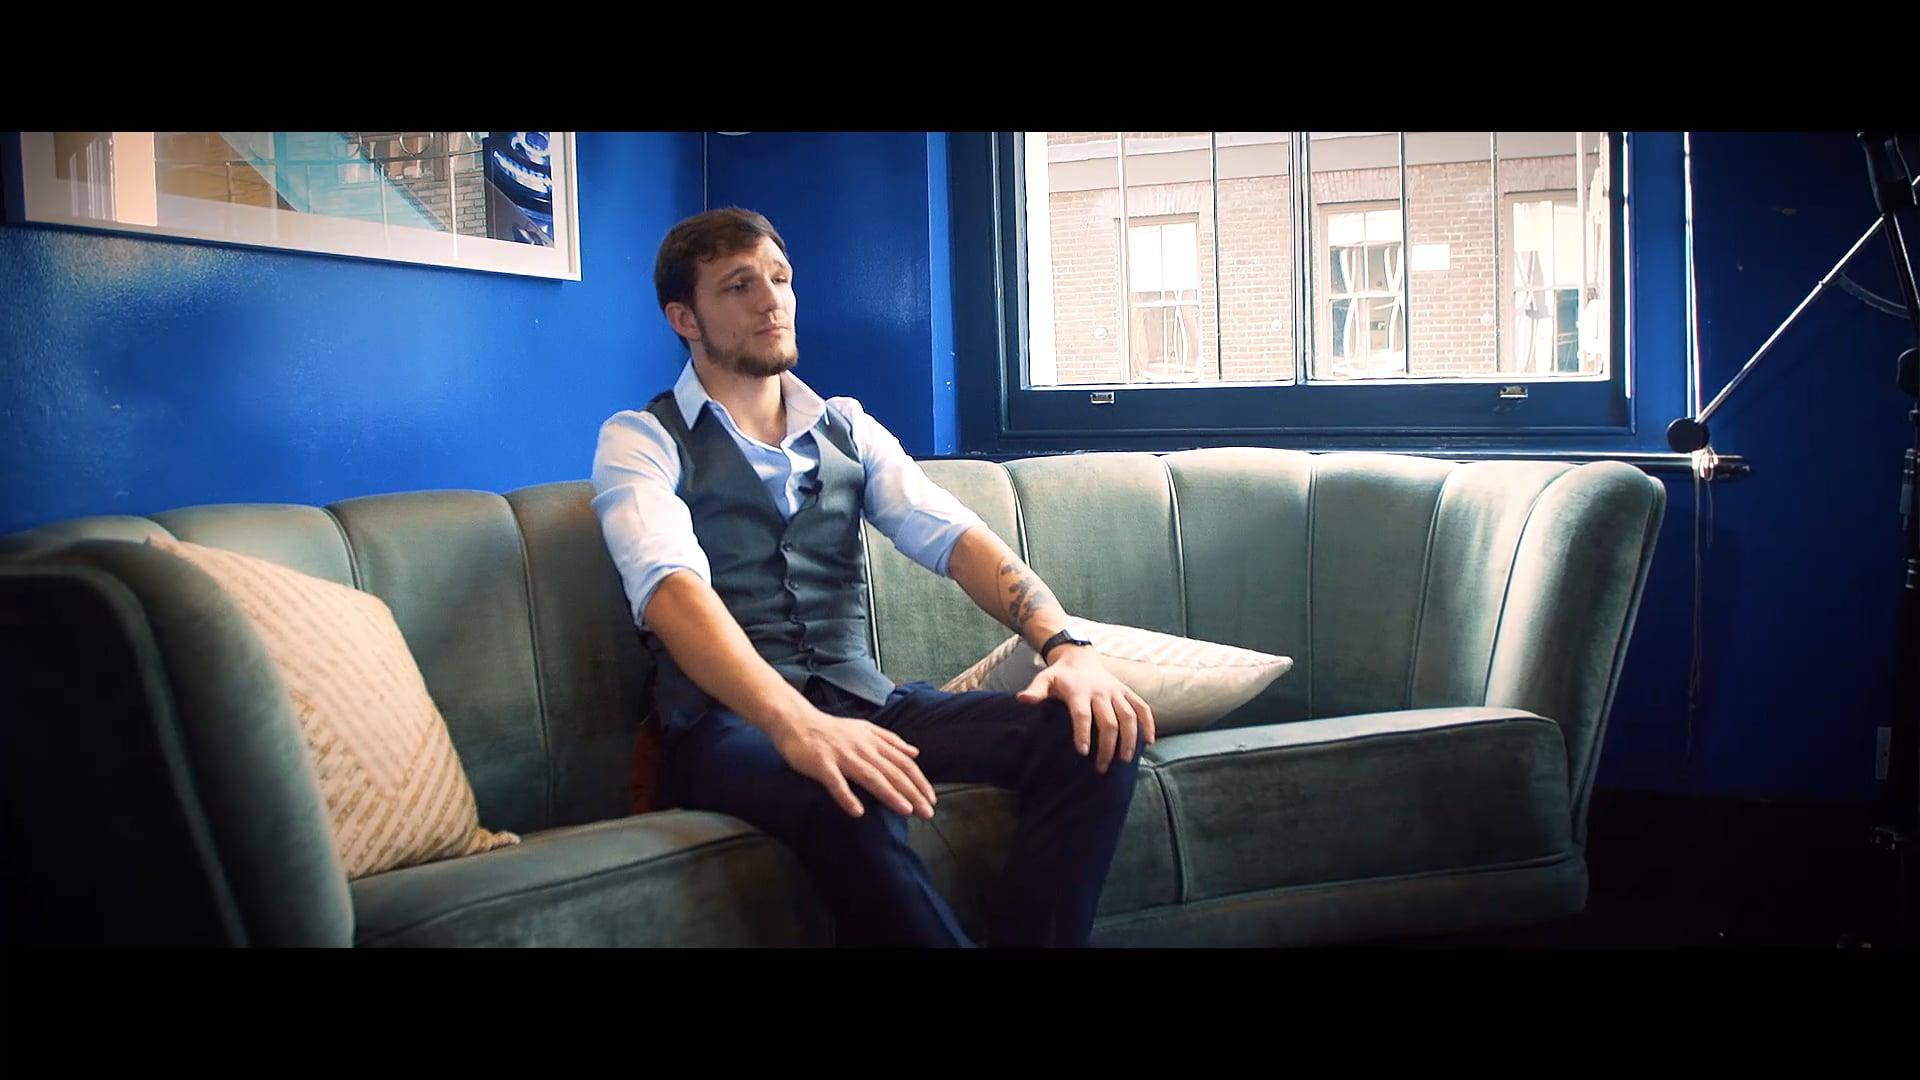 Luke Aquilina - Actor